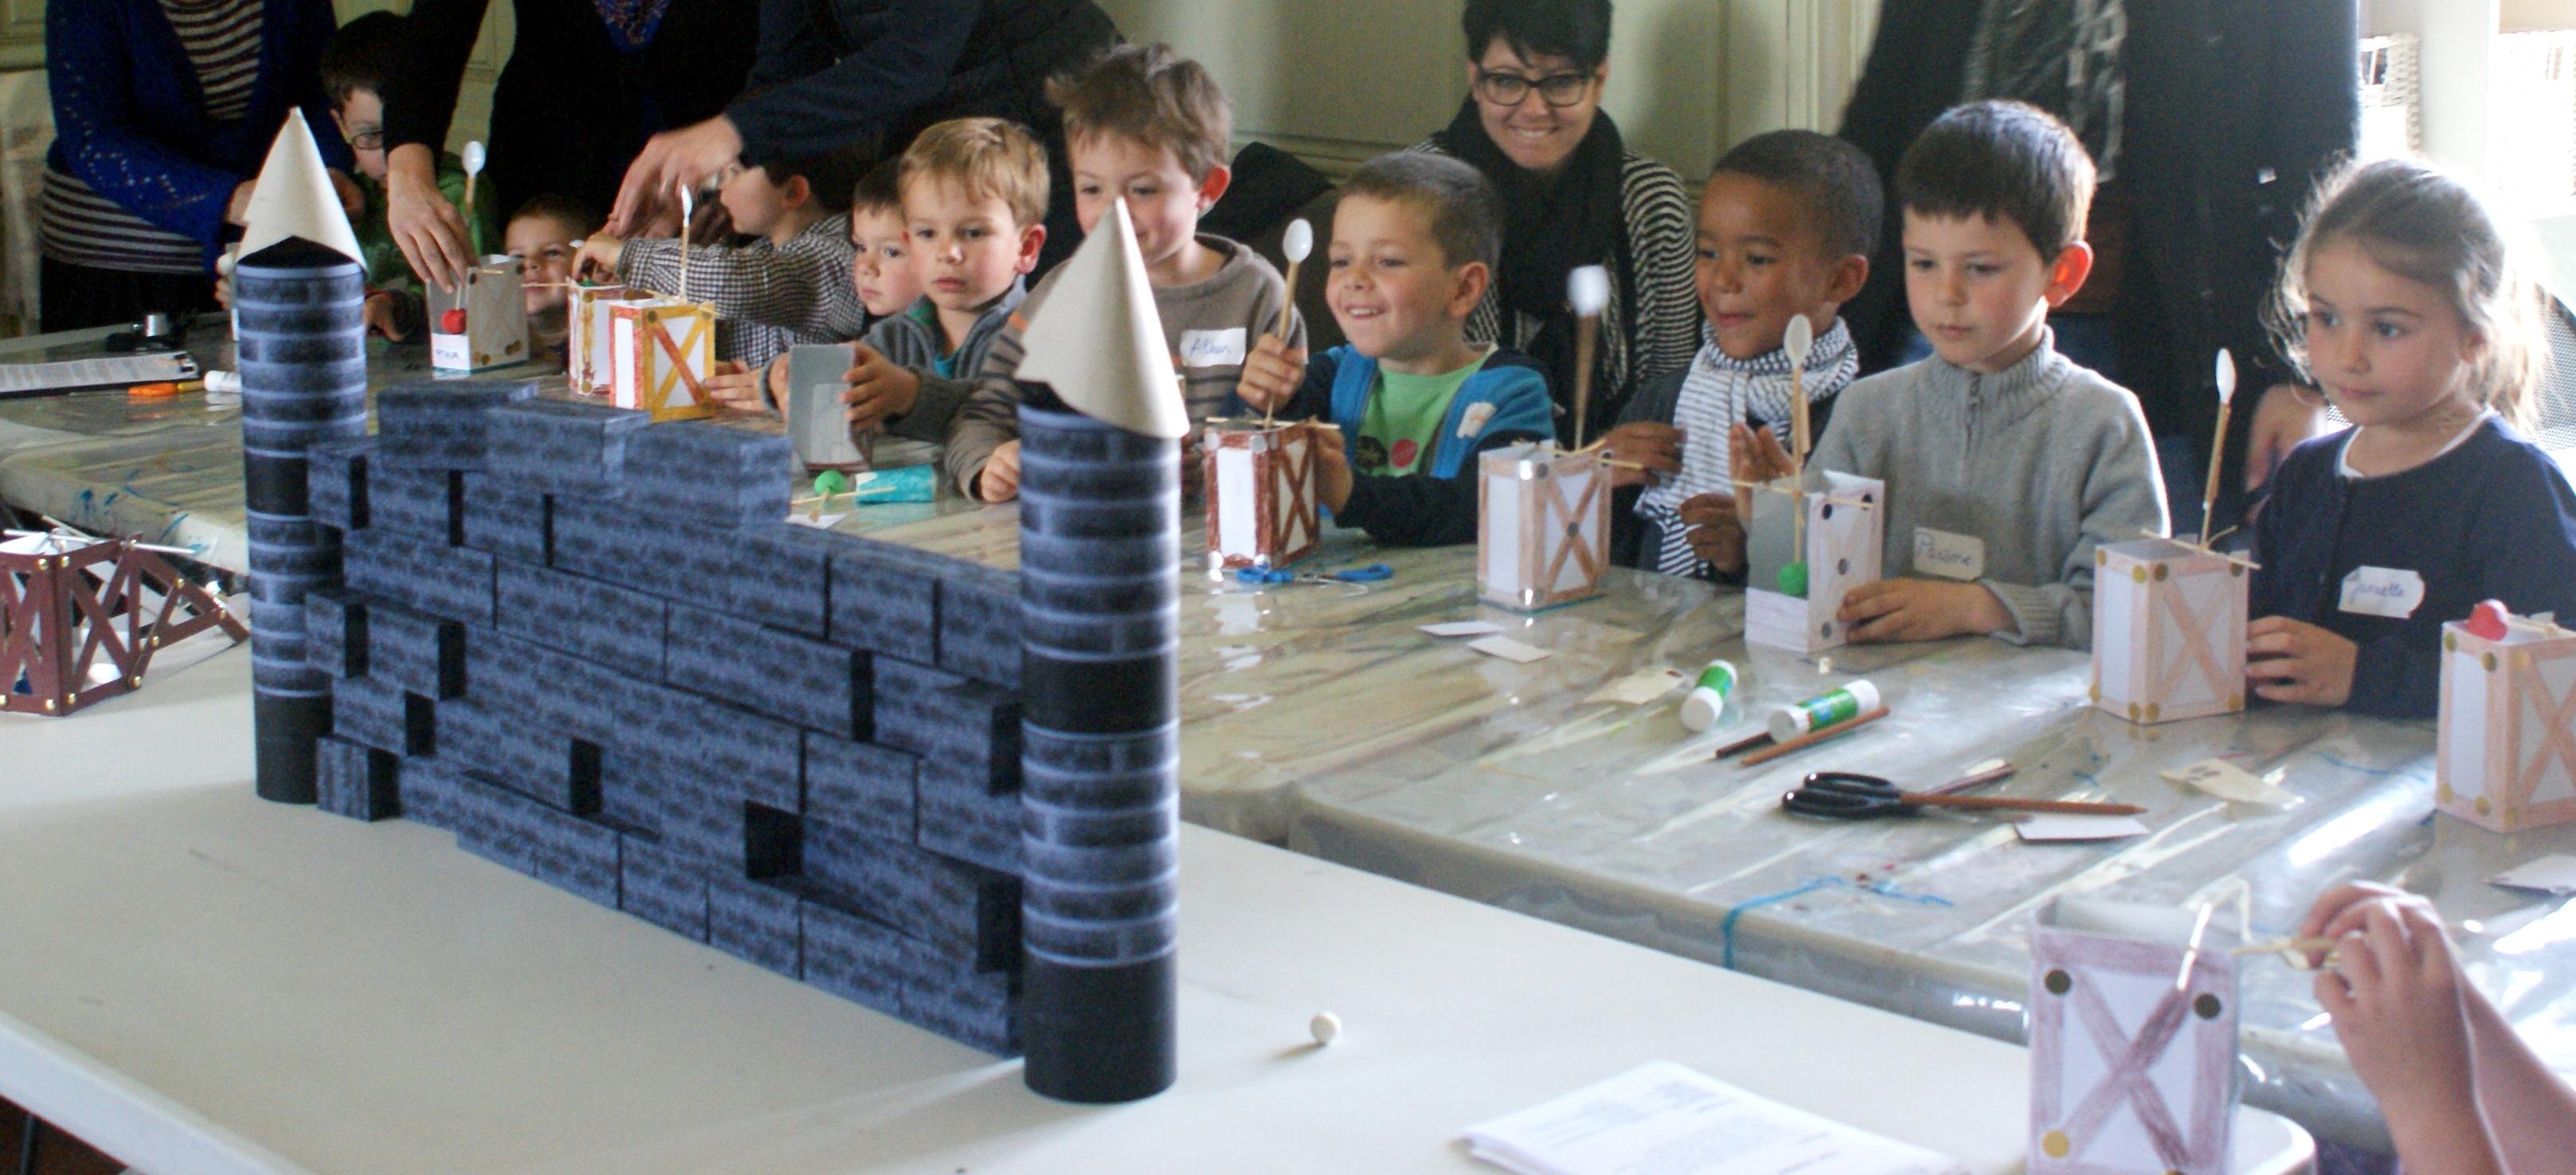 Vacances au Château d'Angers Un dispositif éducatif et culturel pour les enfants […]